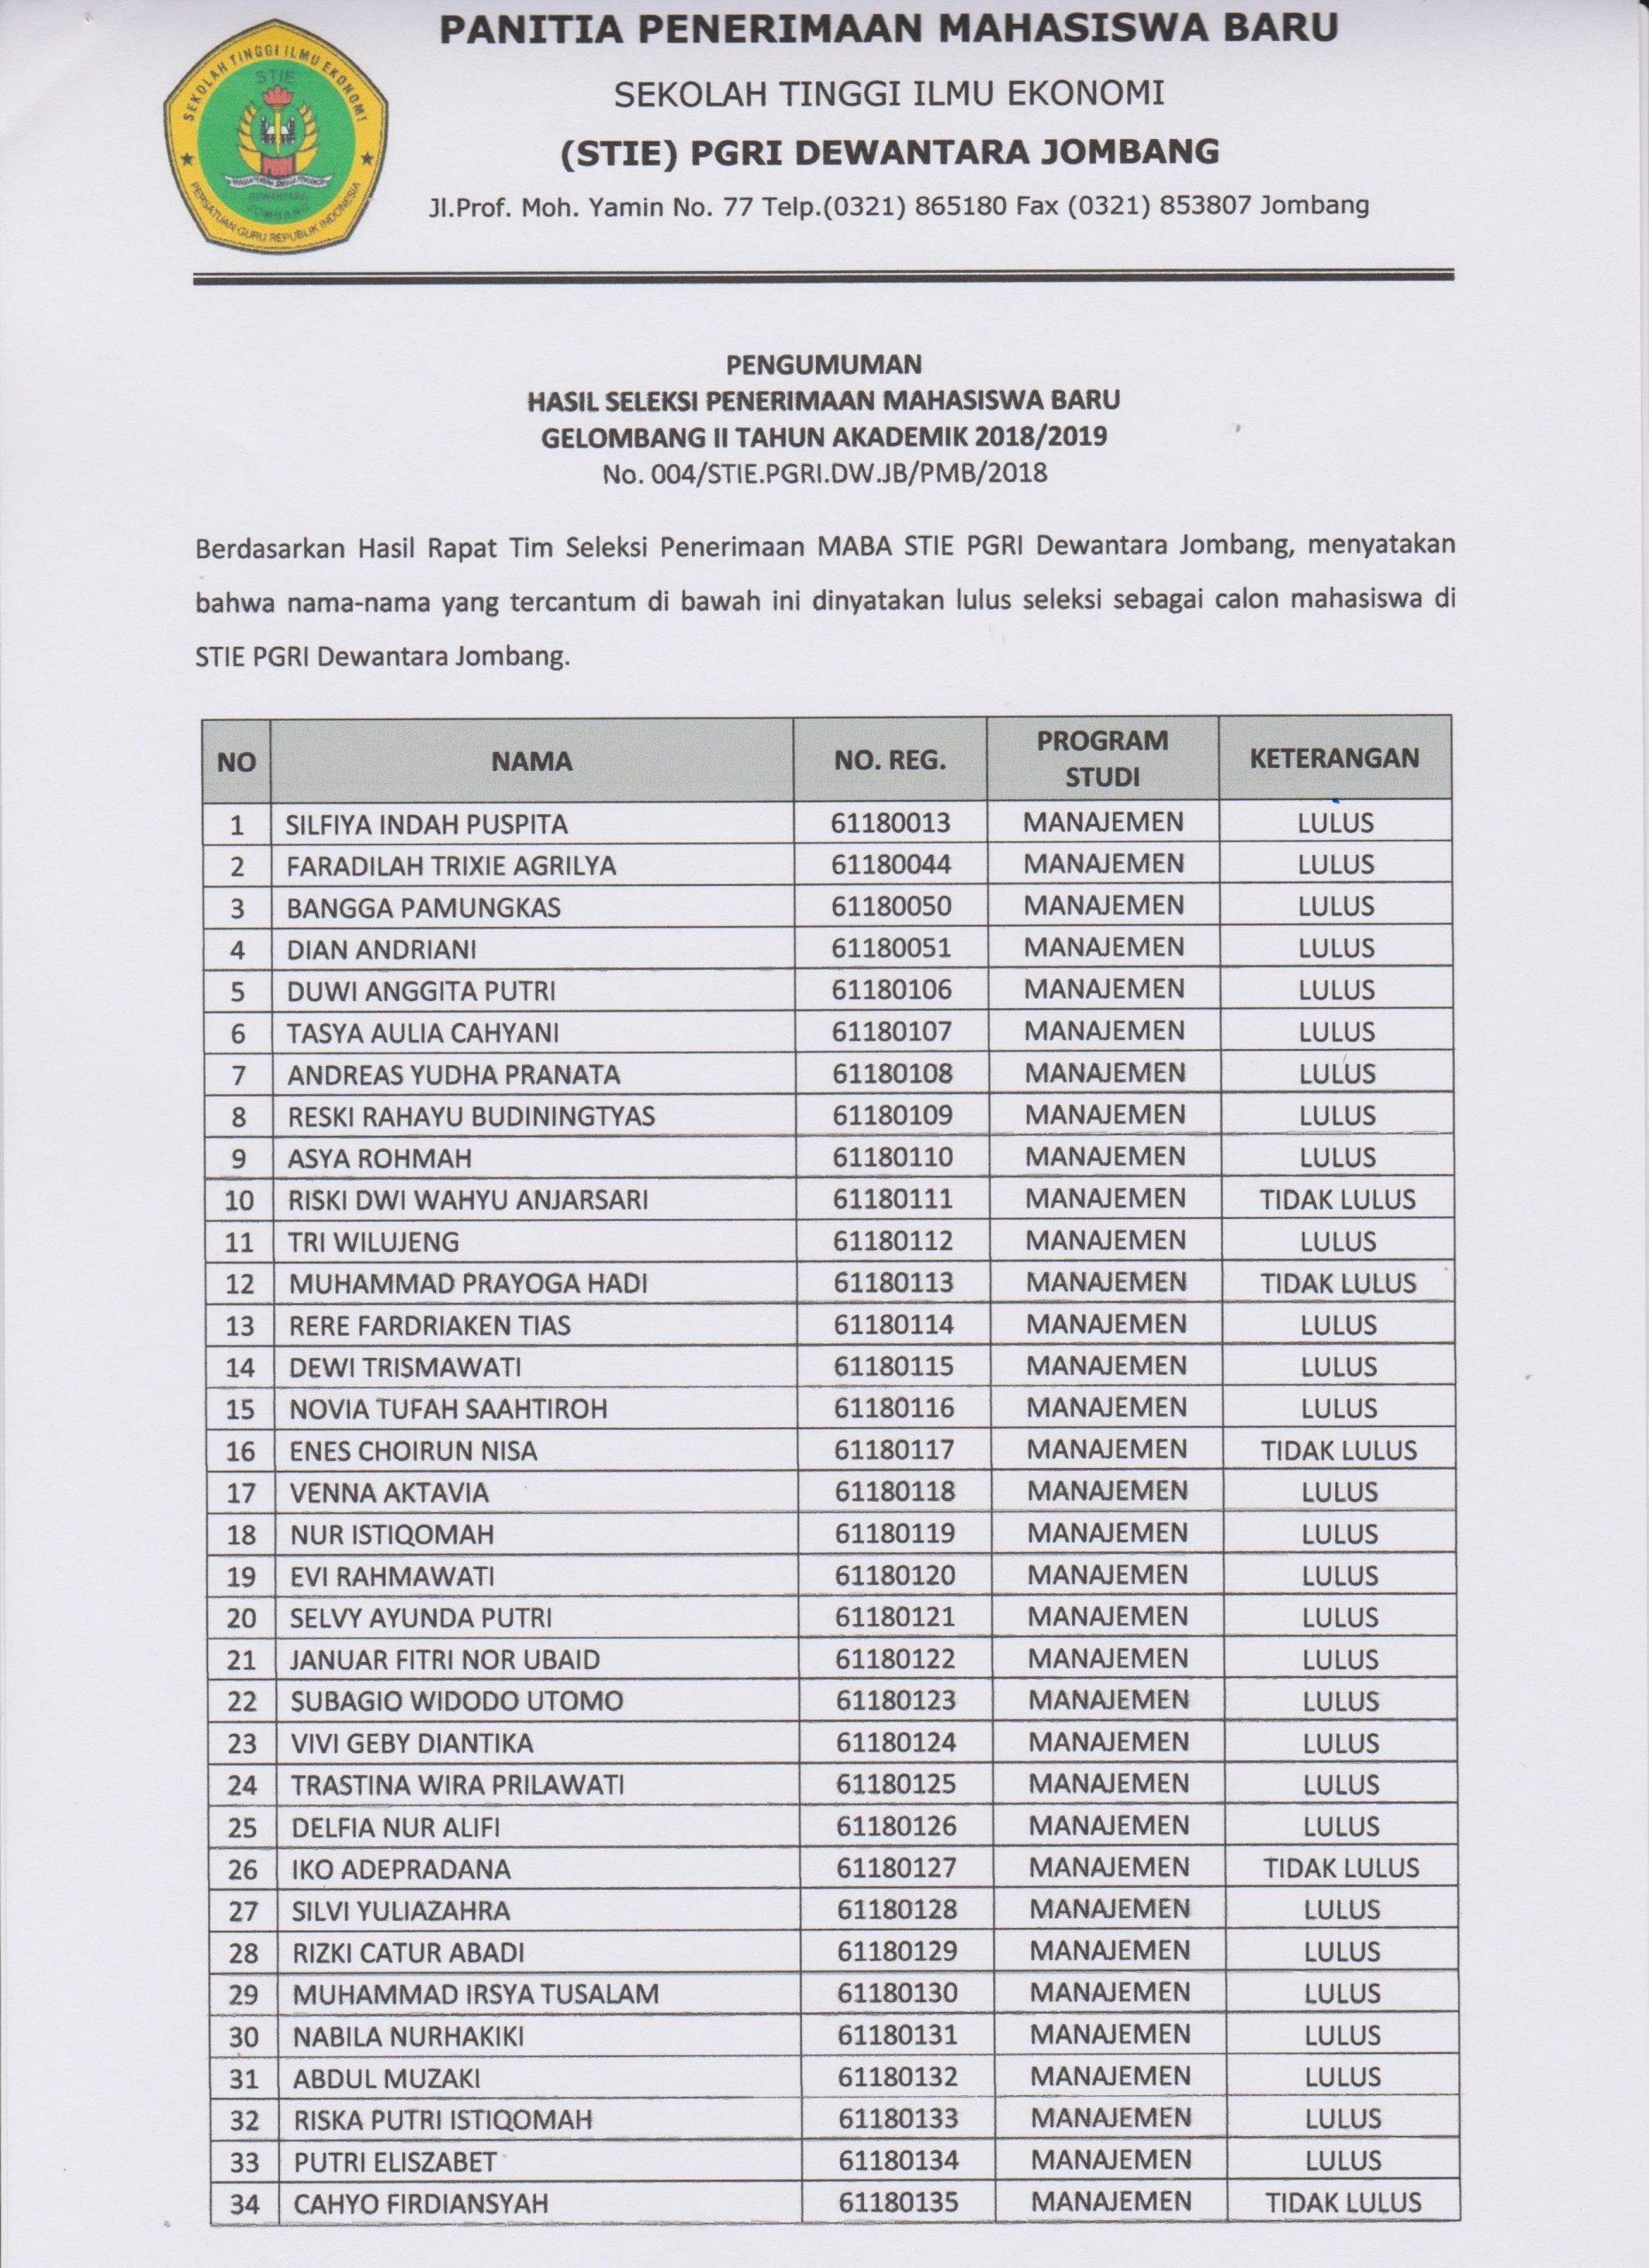 PENGUMUMAN HASIL SELEKSI PENERIMAAN MAHASISWA BARU GELOMBANG II TAHUN AKADEMIK 2018/2019